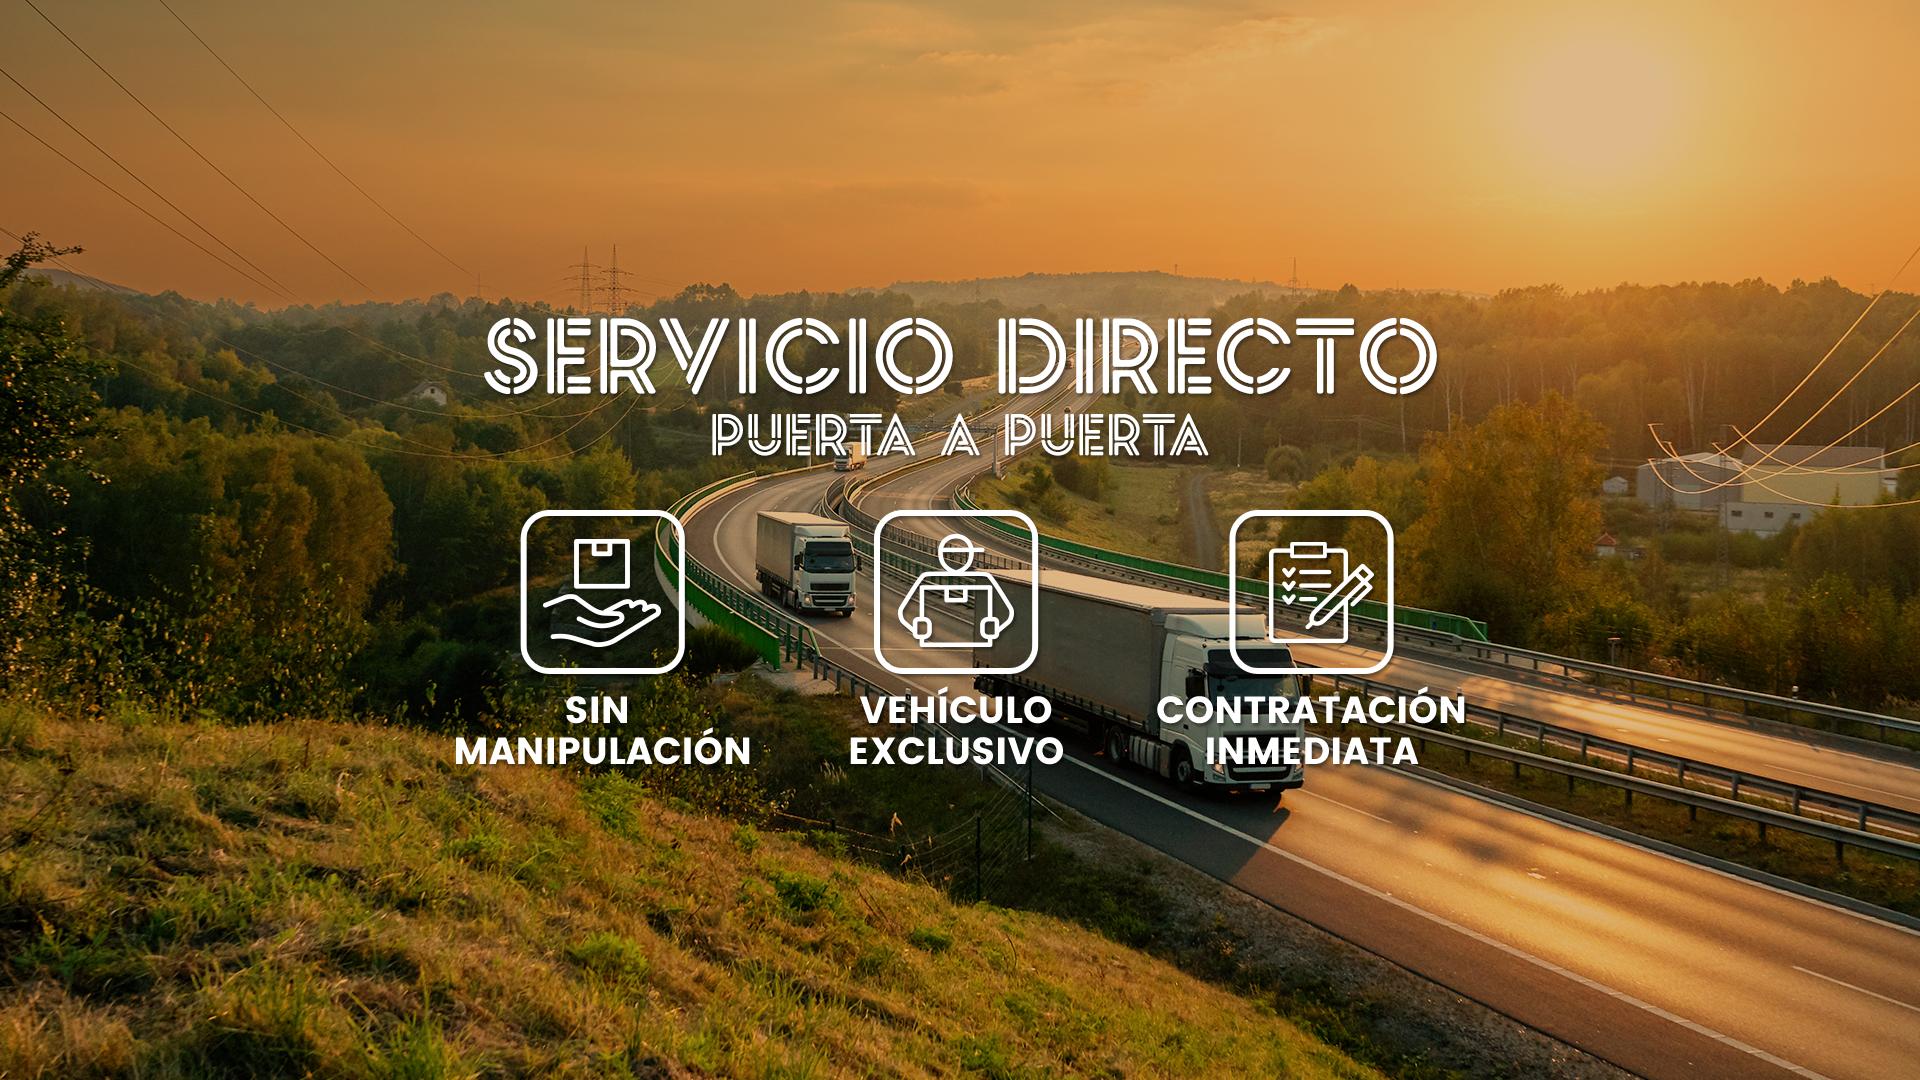 Transportes Sabadell Servicio Directo